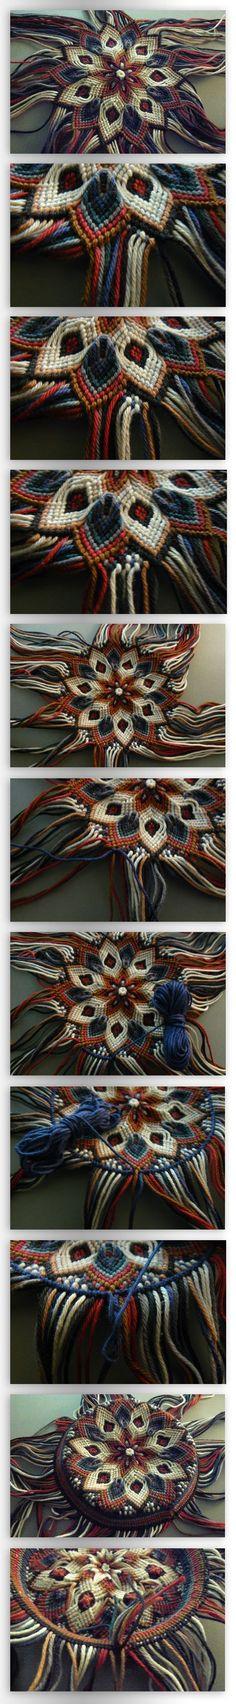 Pouch Tutorial Part III by ~nimuae on deviantART - making a macramé pouch, five parts: http://nimuae.deviantart.com/art/Pouch-Tutorial-Part-I-Bottom-314899434